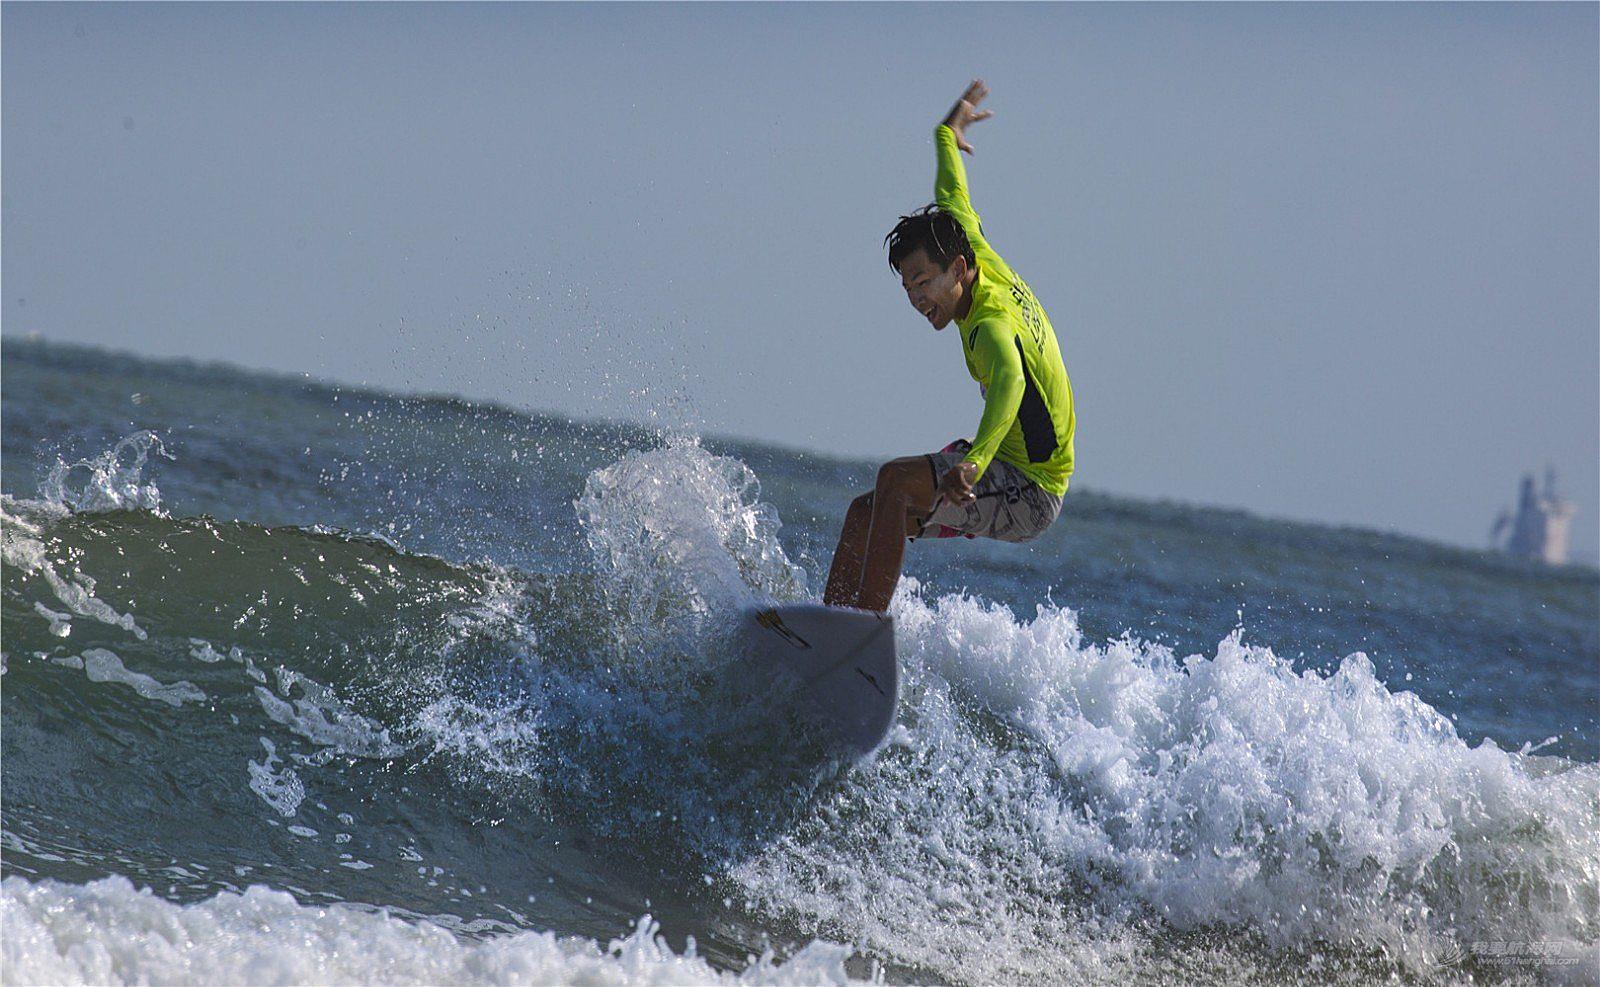 青岛石老人海水浴场,风大浪急。自由冲浪,精彩瞬间。